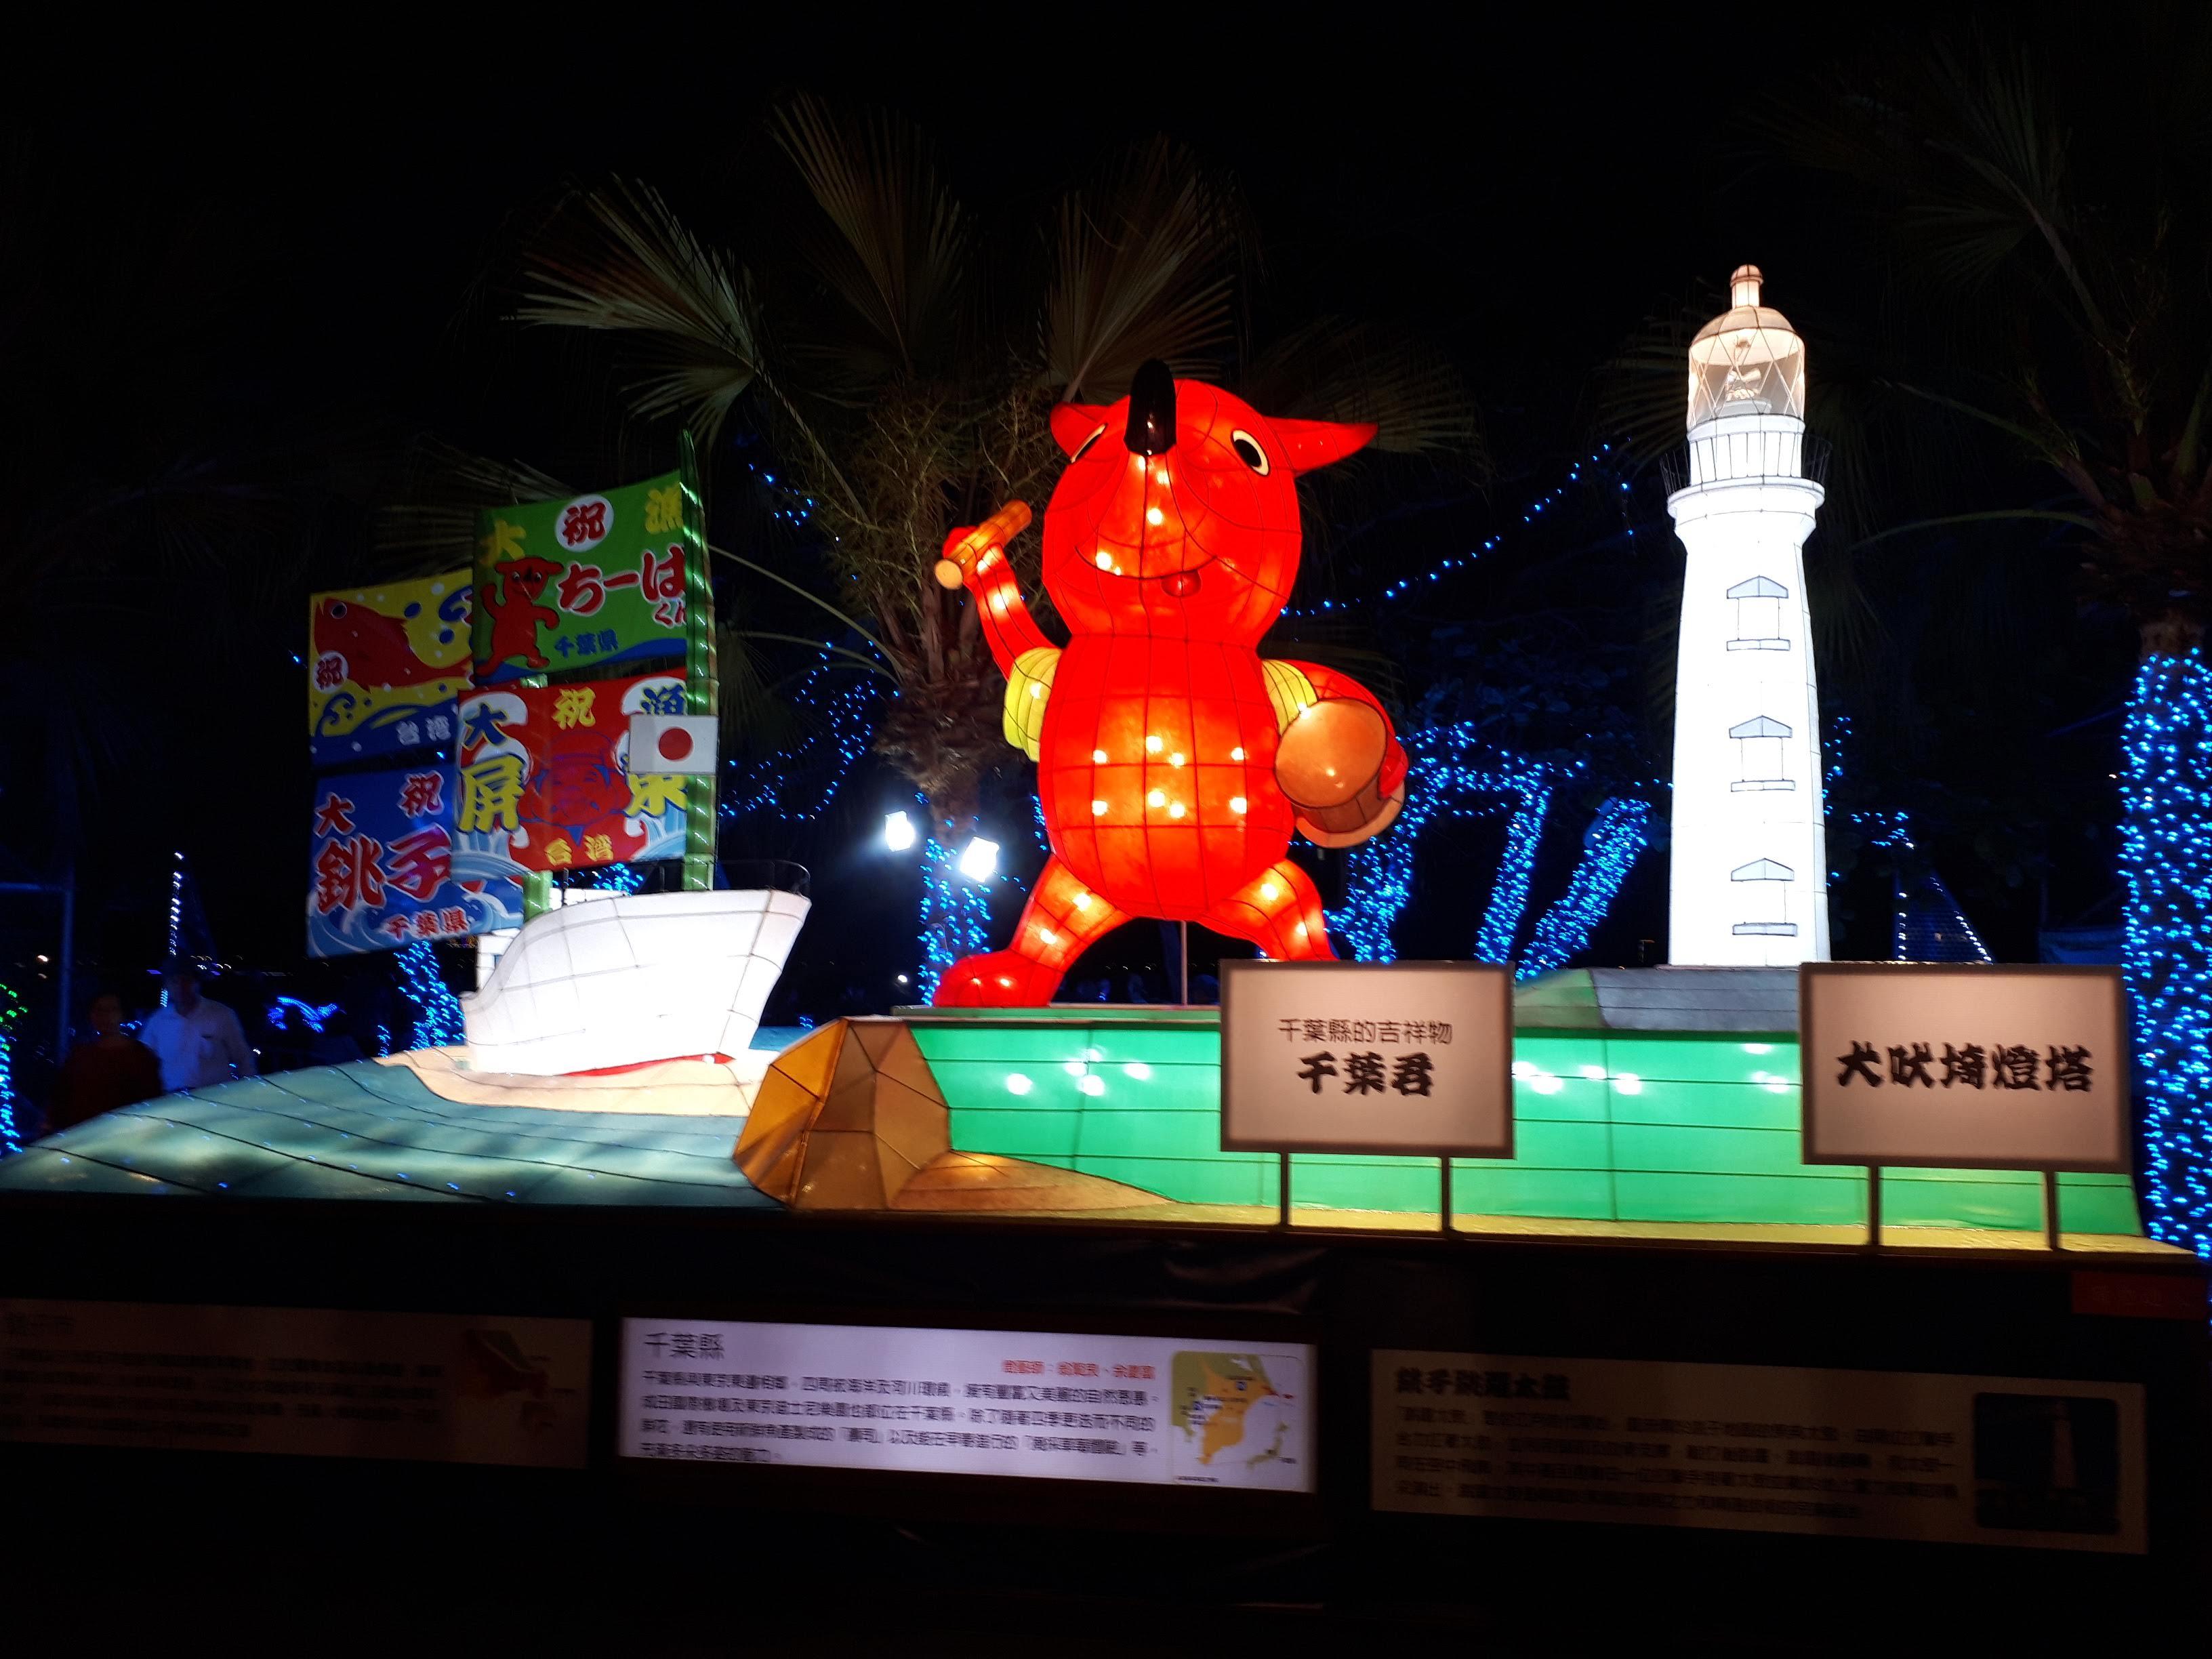 台湾の燈會で犬吠埼燈塔とチーバーくんが人気!